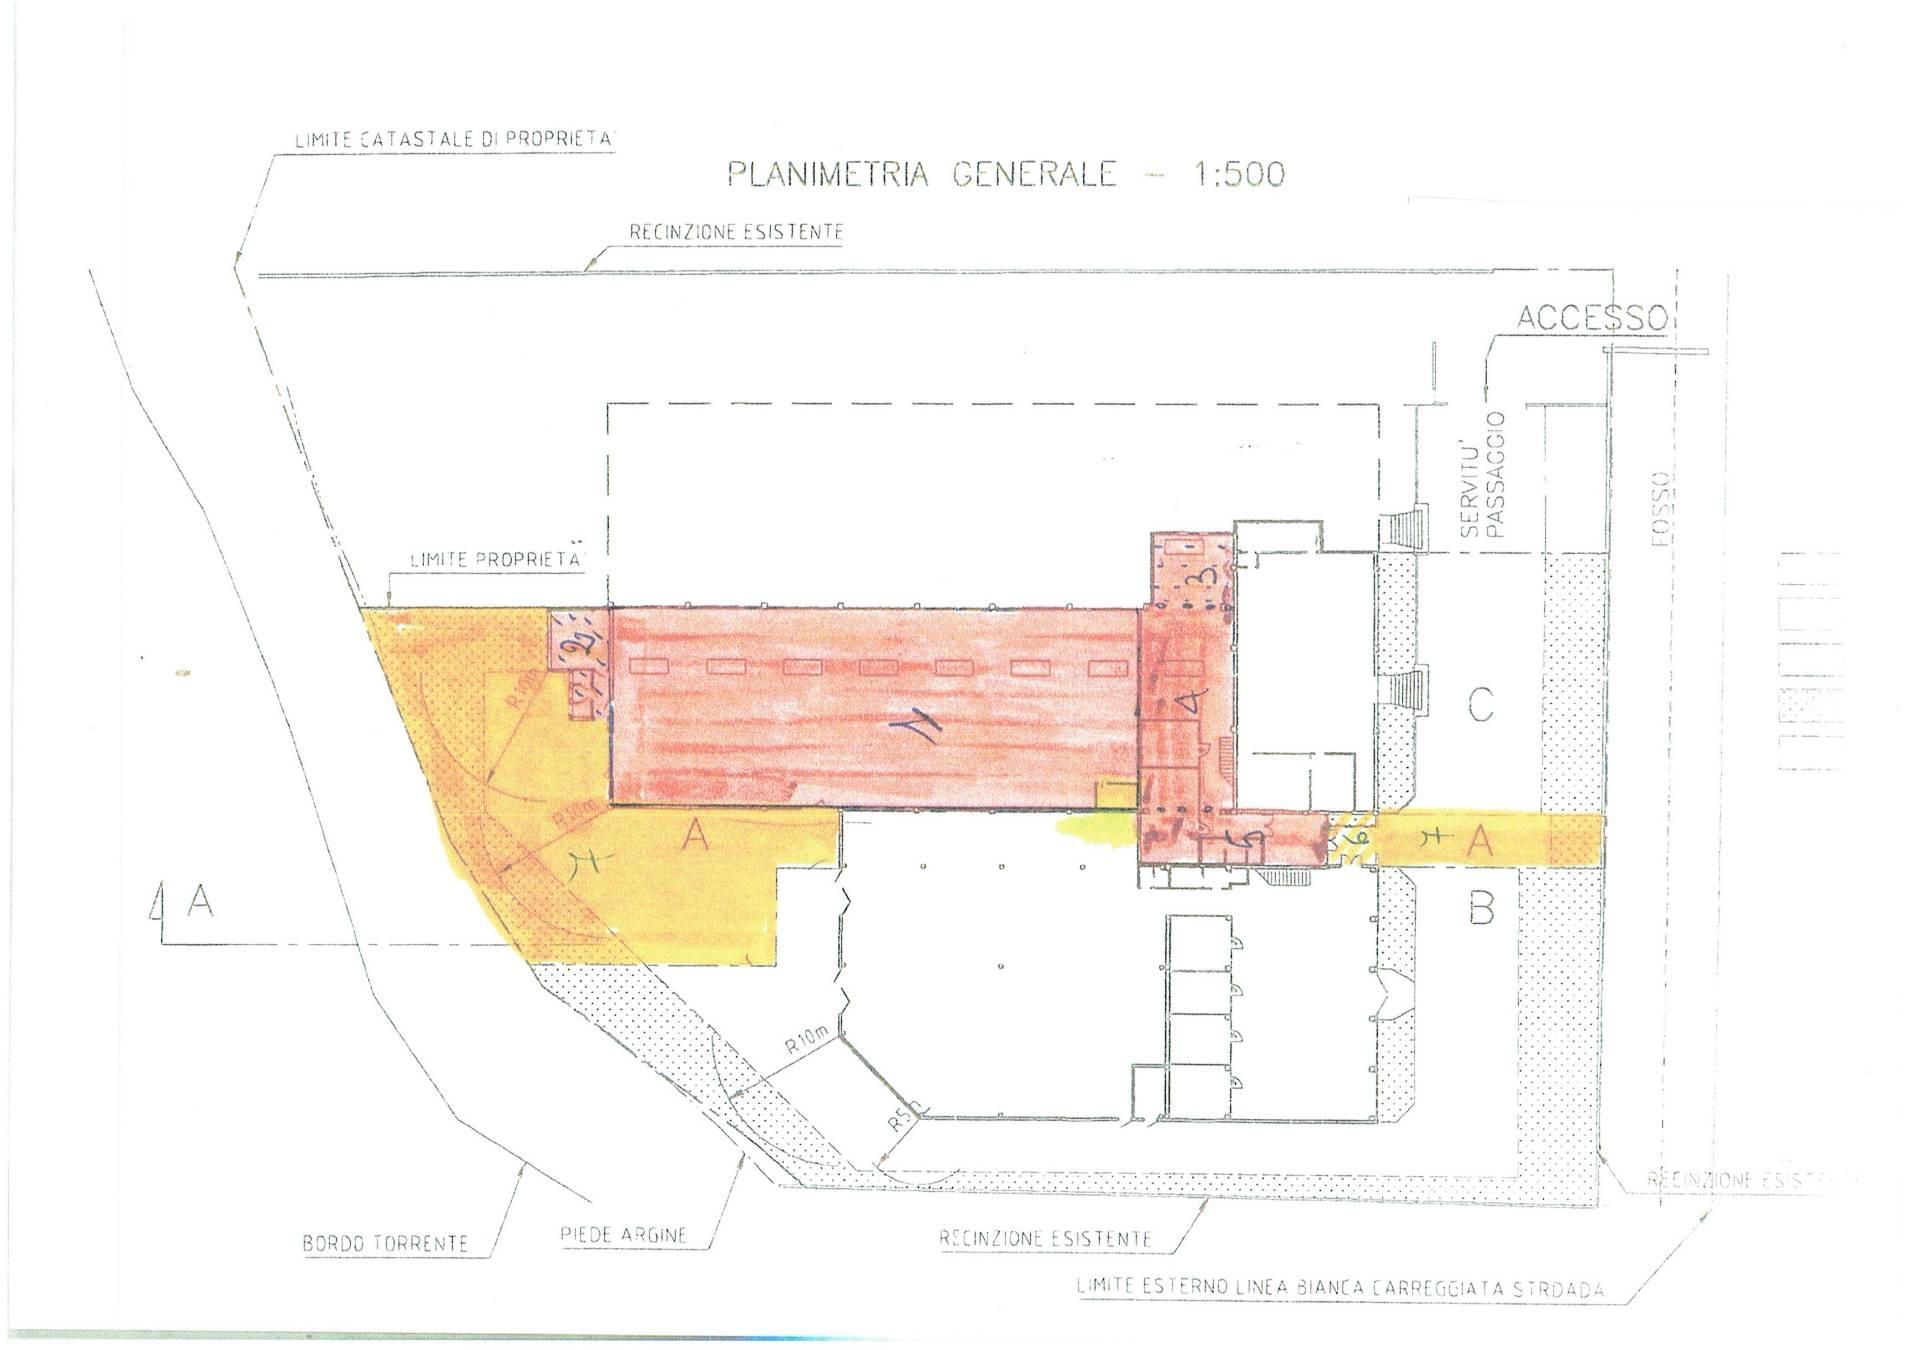 Ufficio caerano san marco in vendita waa2 for Capannone di 300 metri quadrati